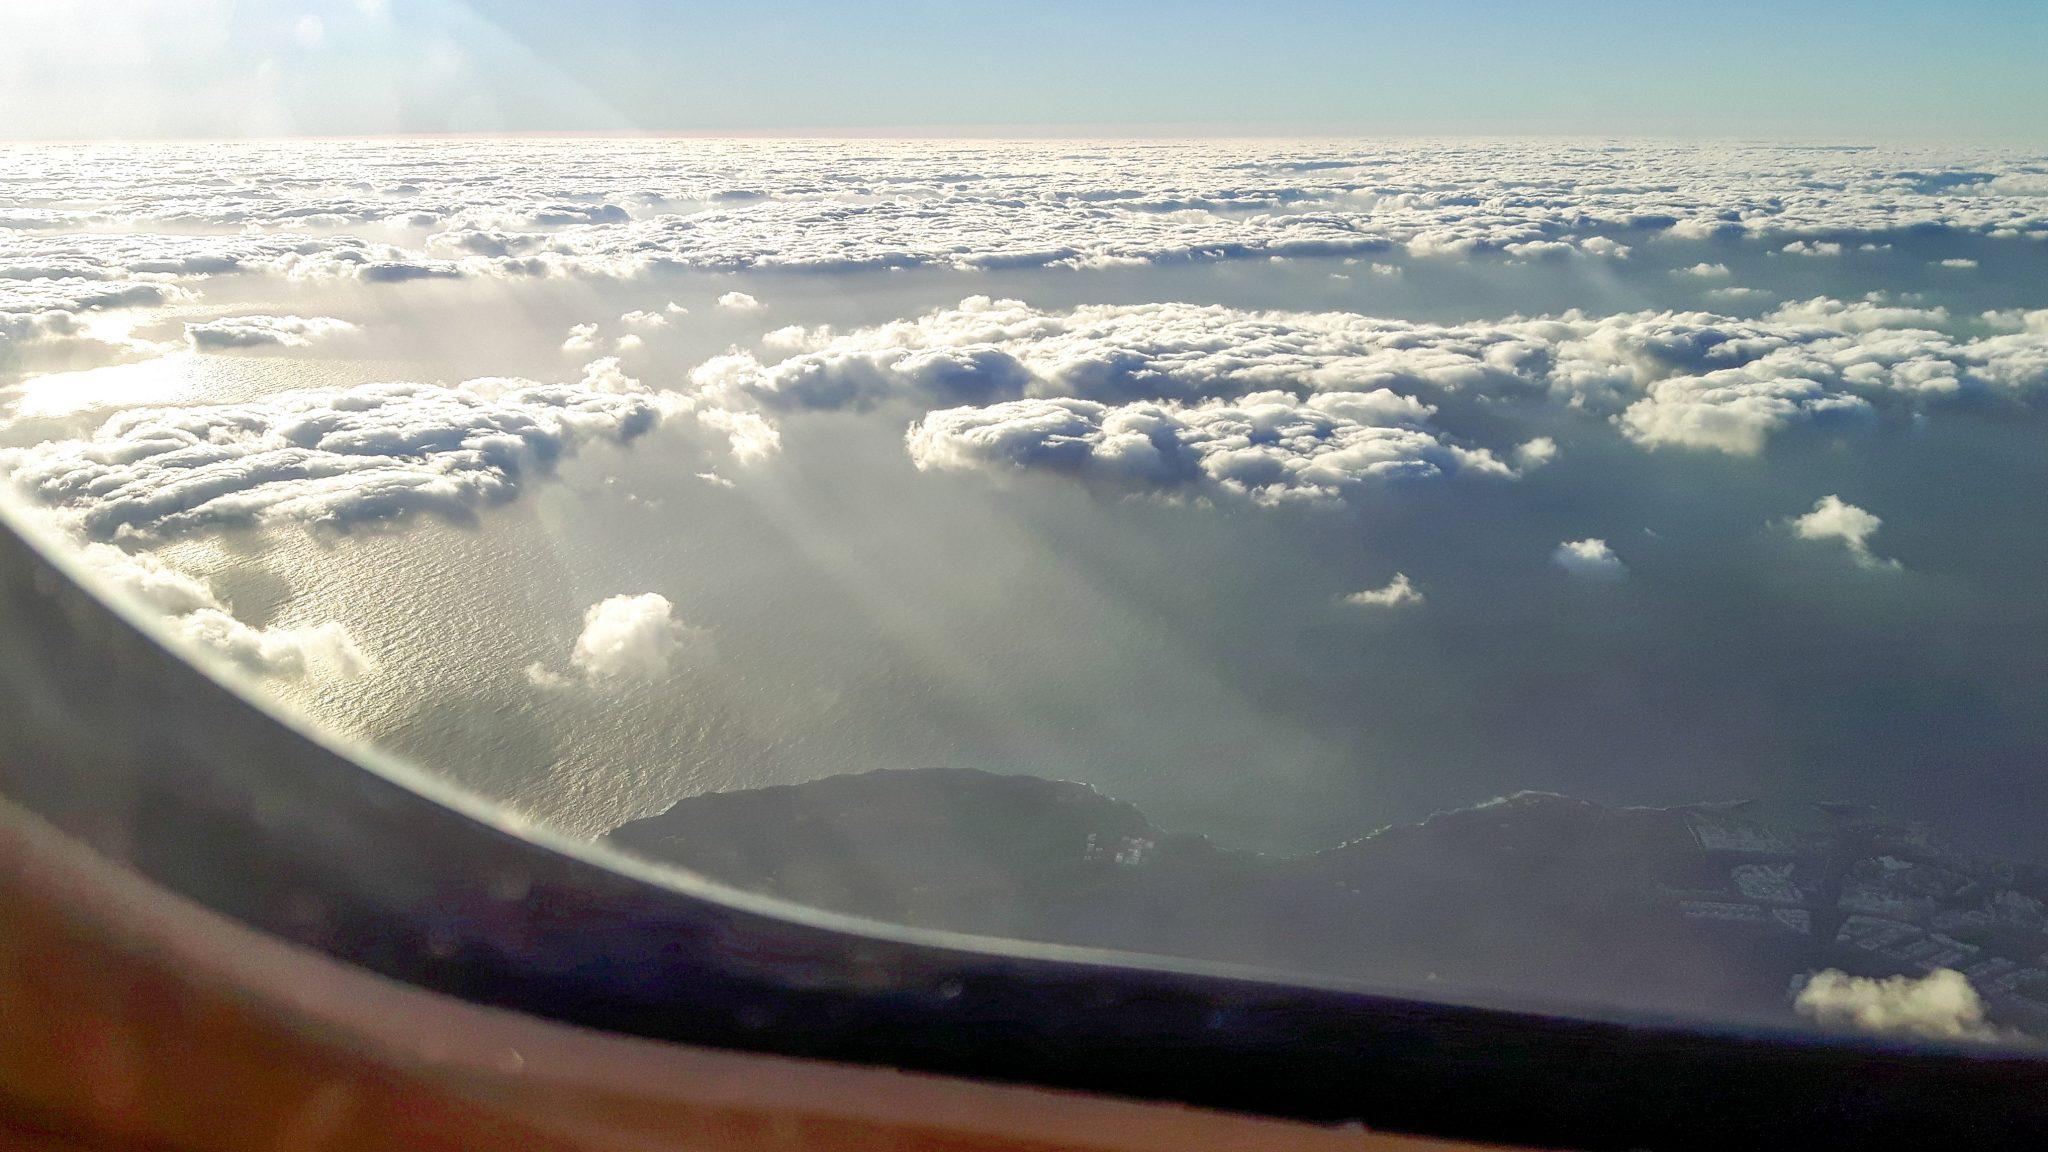 entspannt-fliegen-7-tipps-für-deinen-nächsten-flug-wolken